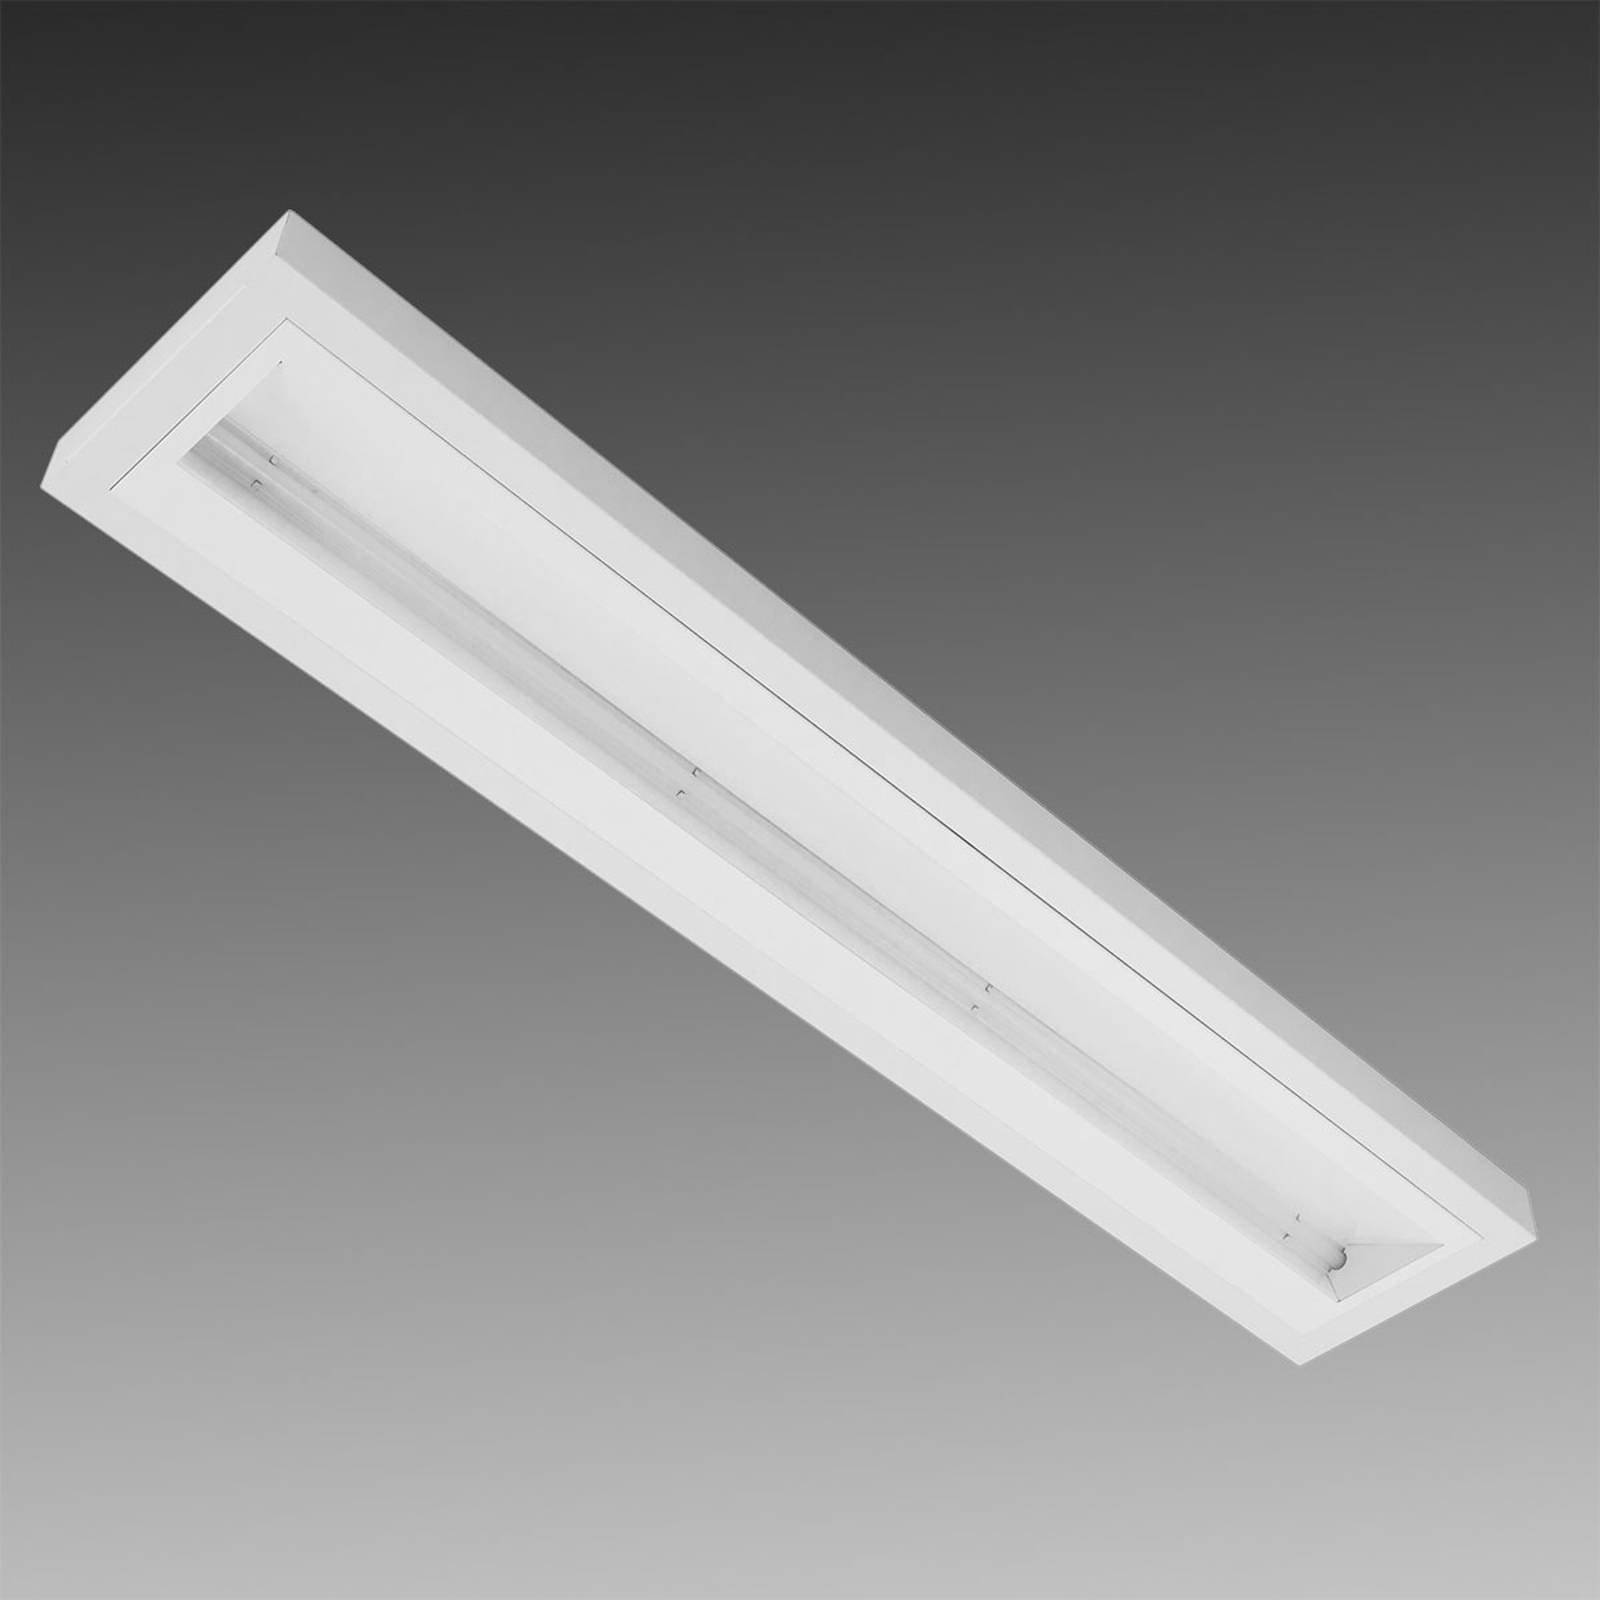 Asymetrisk strålende LED-lampe LED, hvit 35 W